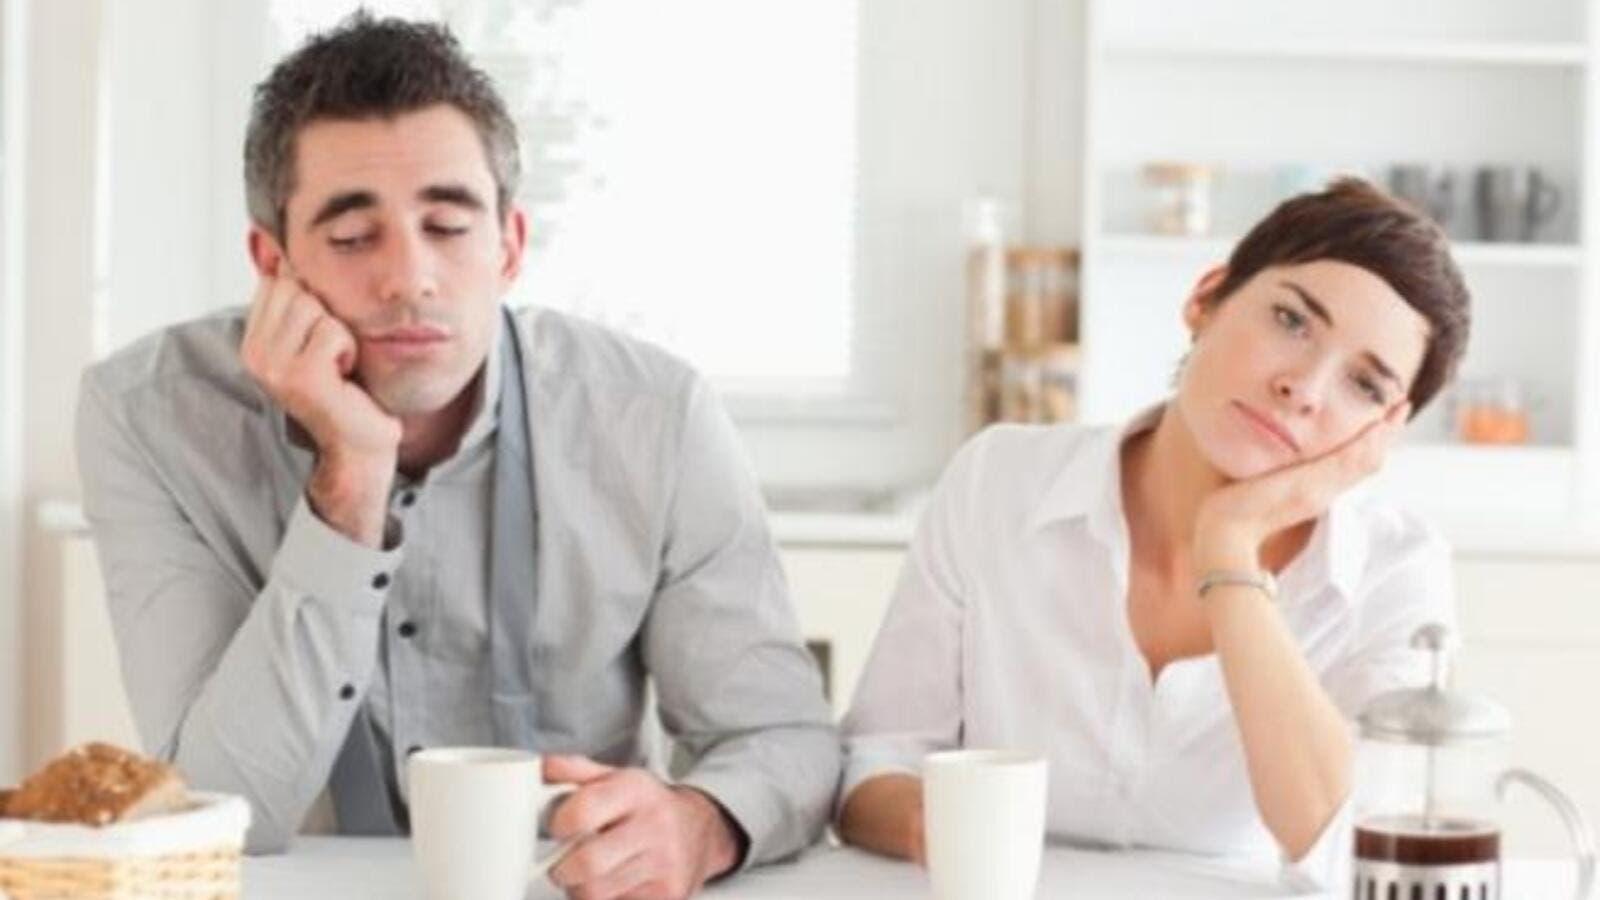 f6403d620dff0 خطوات تساعدك على التخلص من ملل وروتين الحياة الزوجية!